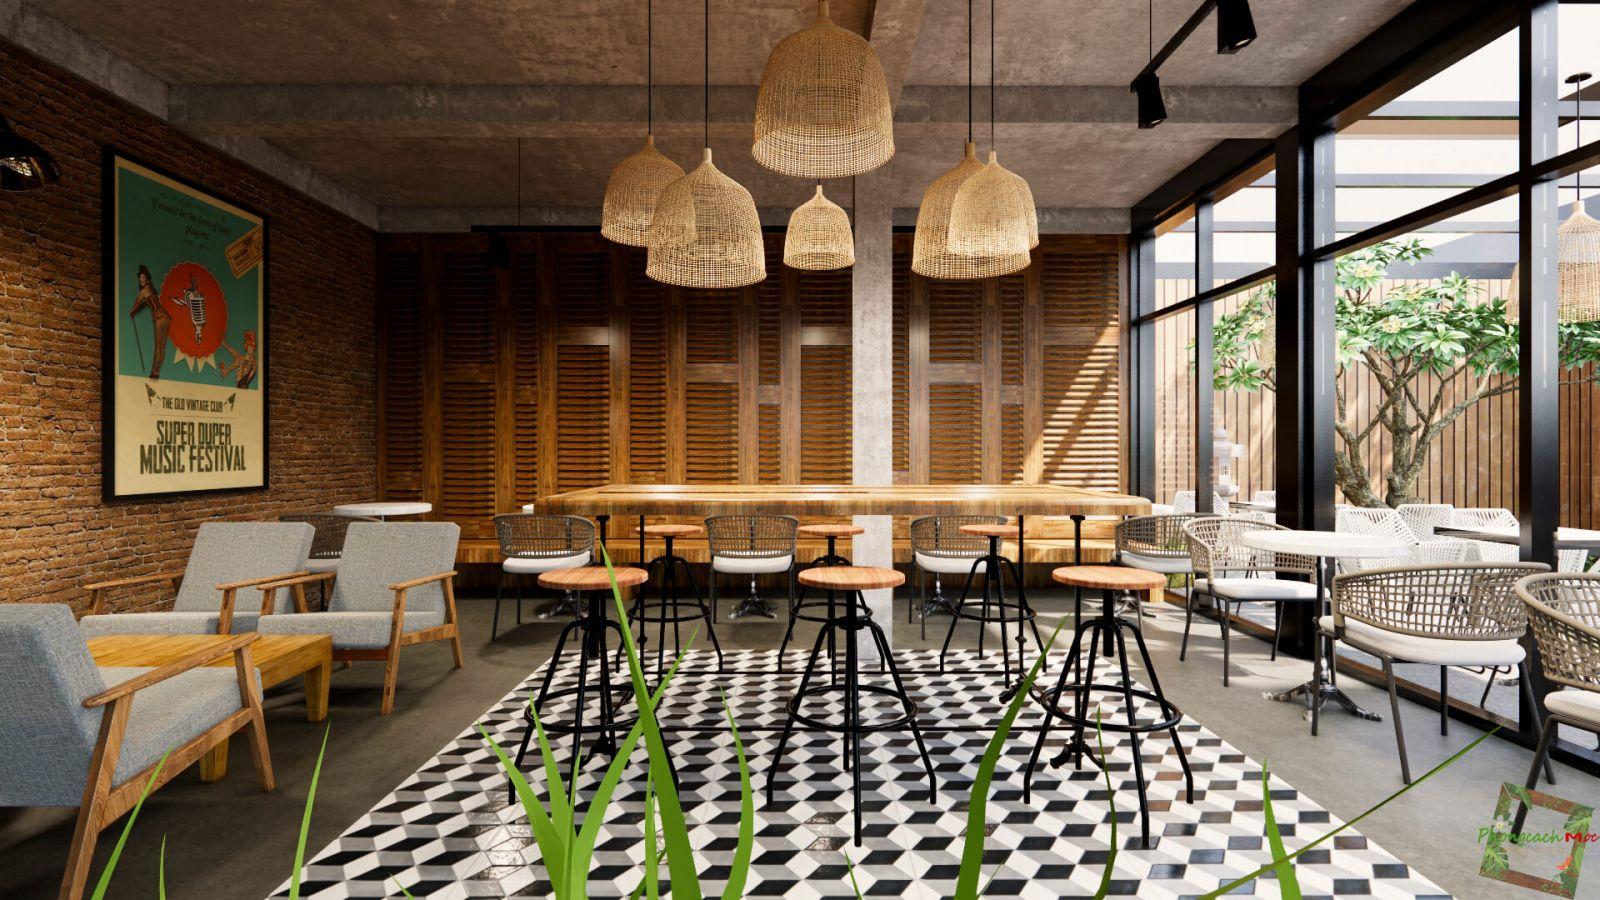 không gian nội thất phòng lạnh quán cafe tre xanh